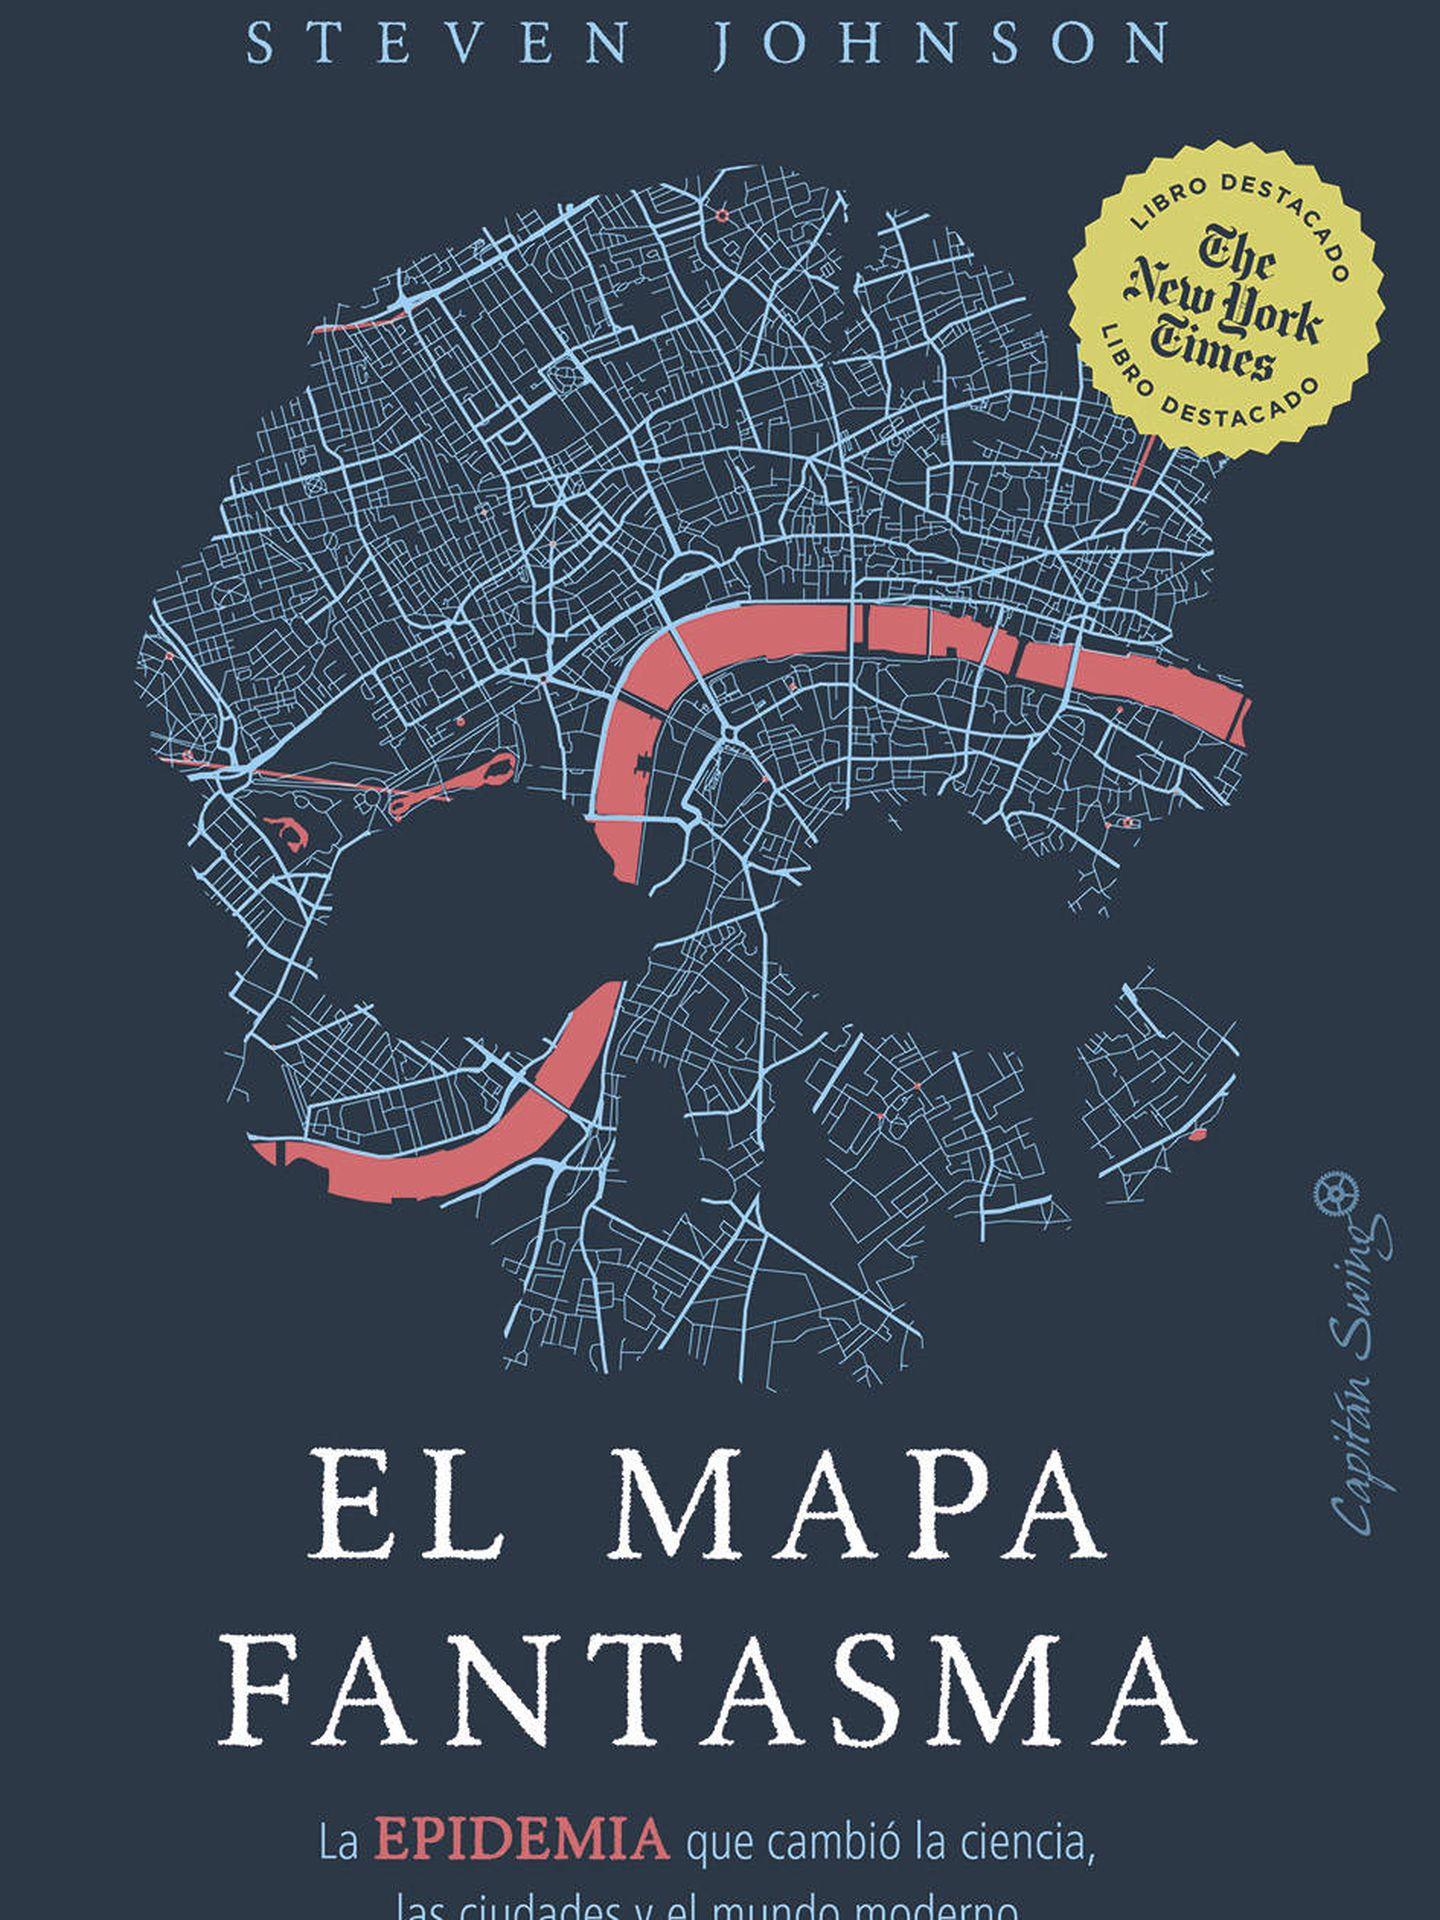 'El mapa fantasma'